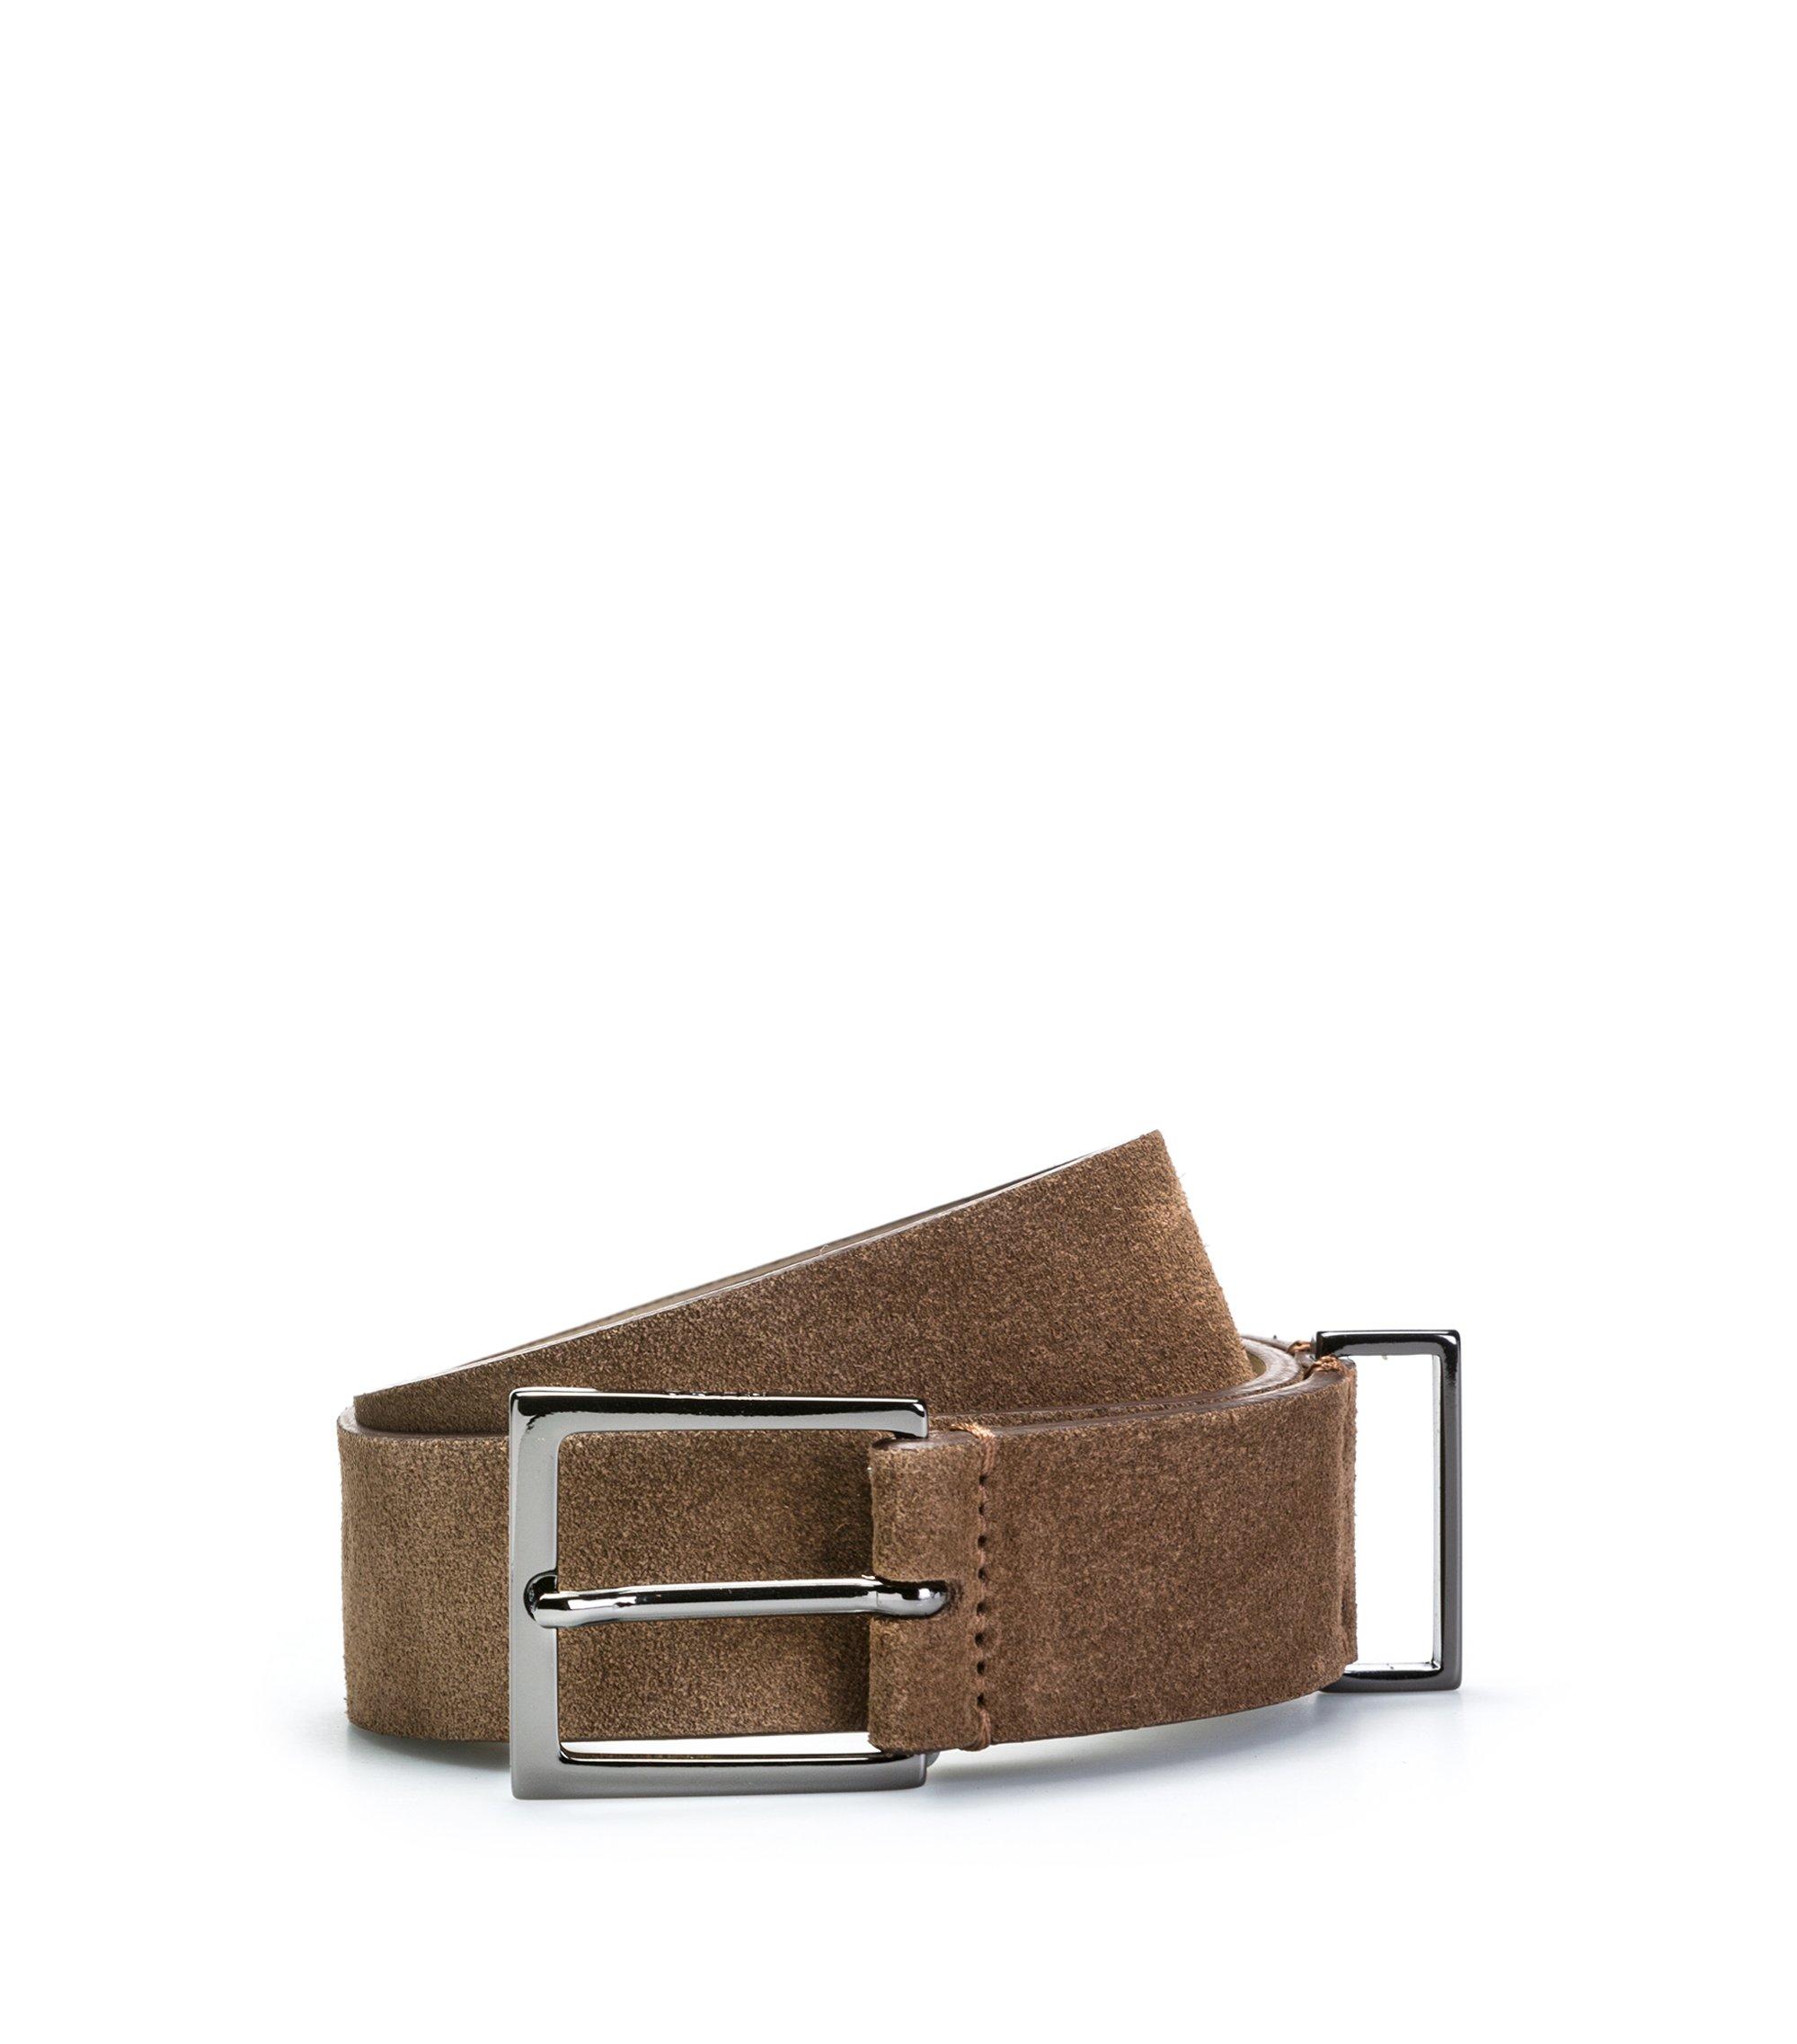 Veloursleder-Gürtel mit polierten Metall-Details, Braun